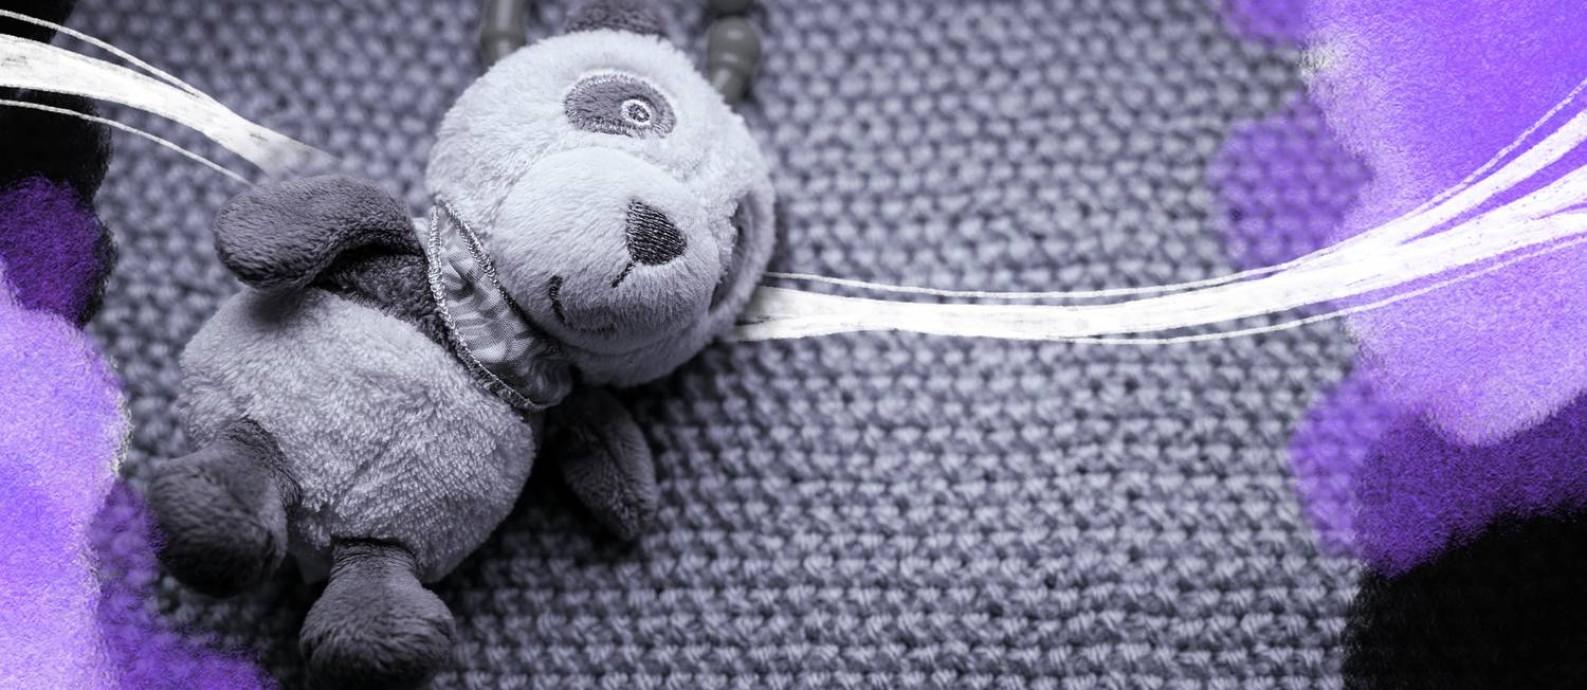 A morte perinatal ocorre a partir d 22ª semana de gestação, antes disso são abortos espontâneos Foto: Arte sobre foto Pixabay